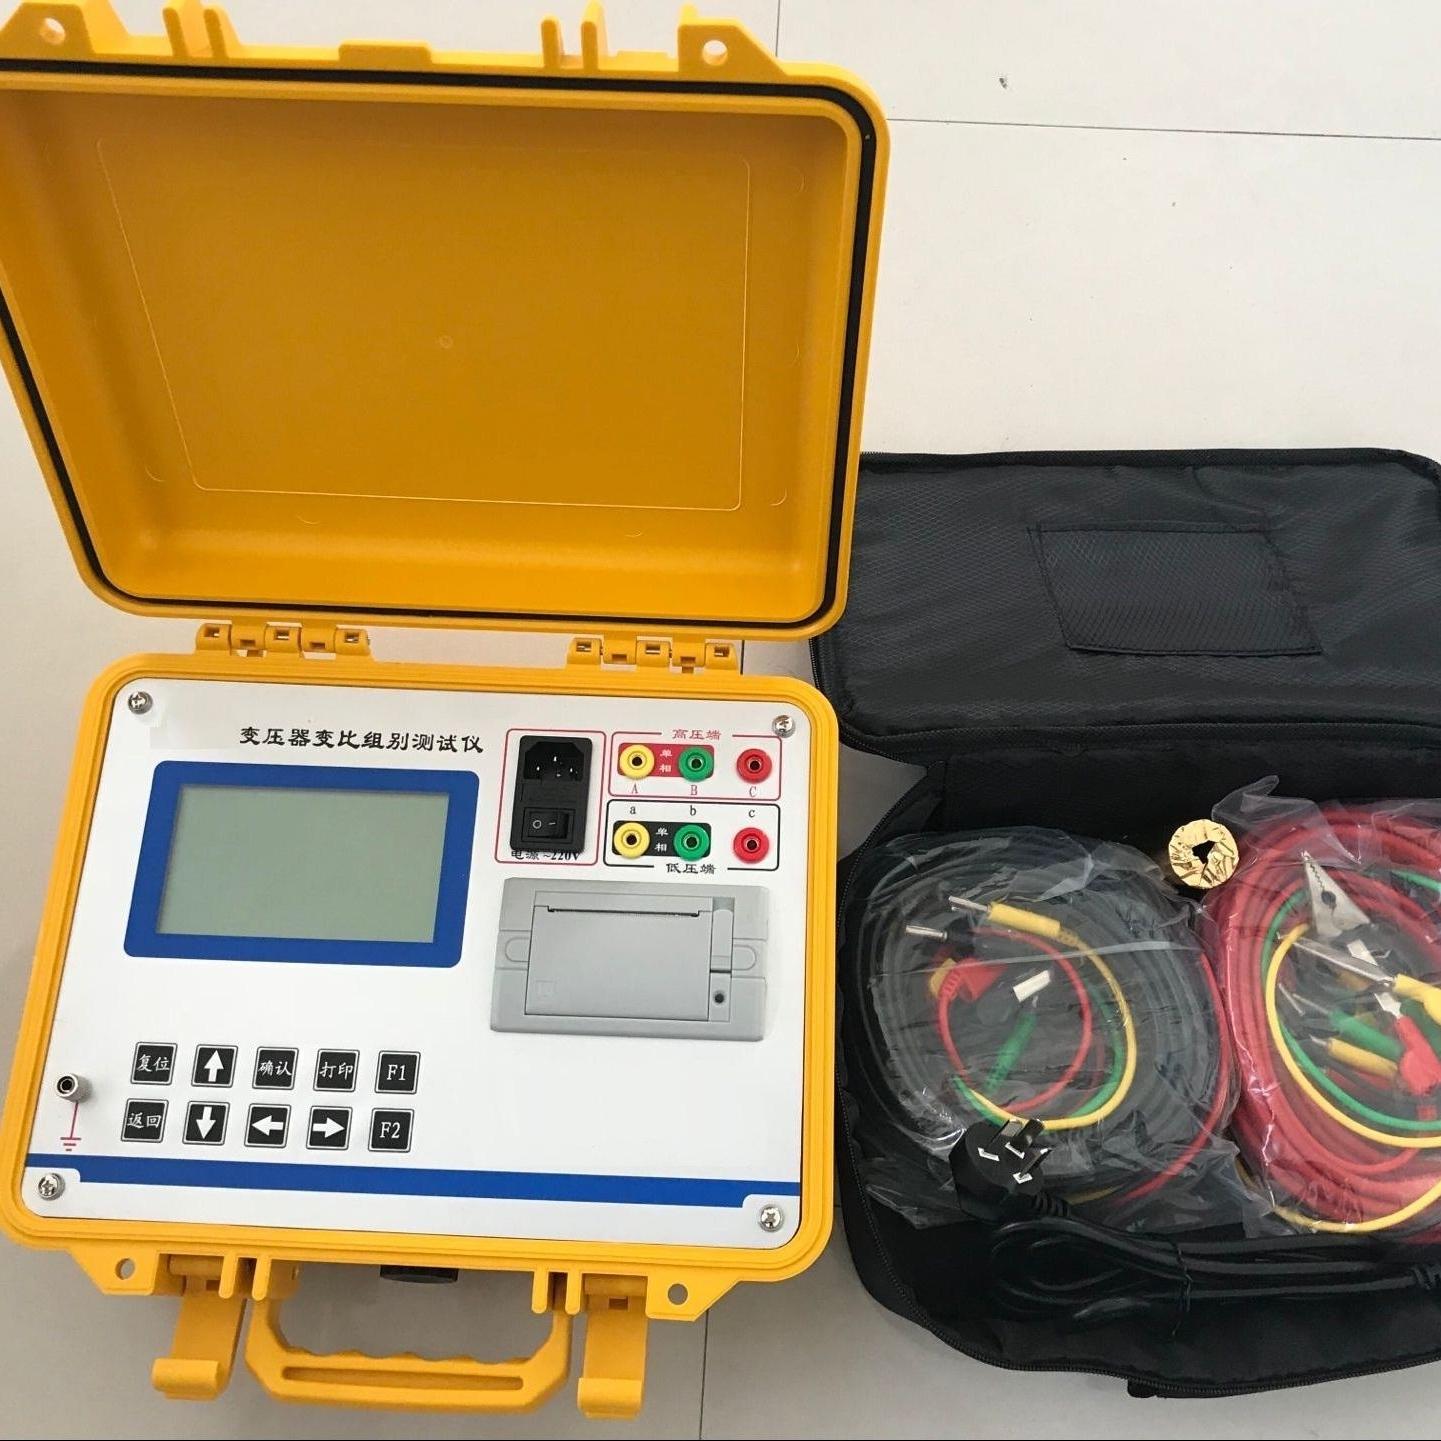 承试设备蓄电池供电全自动变比测试仪